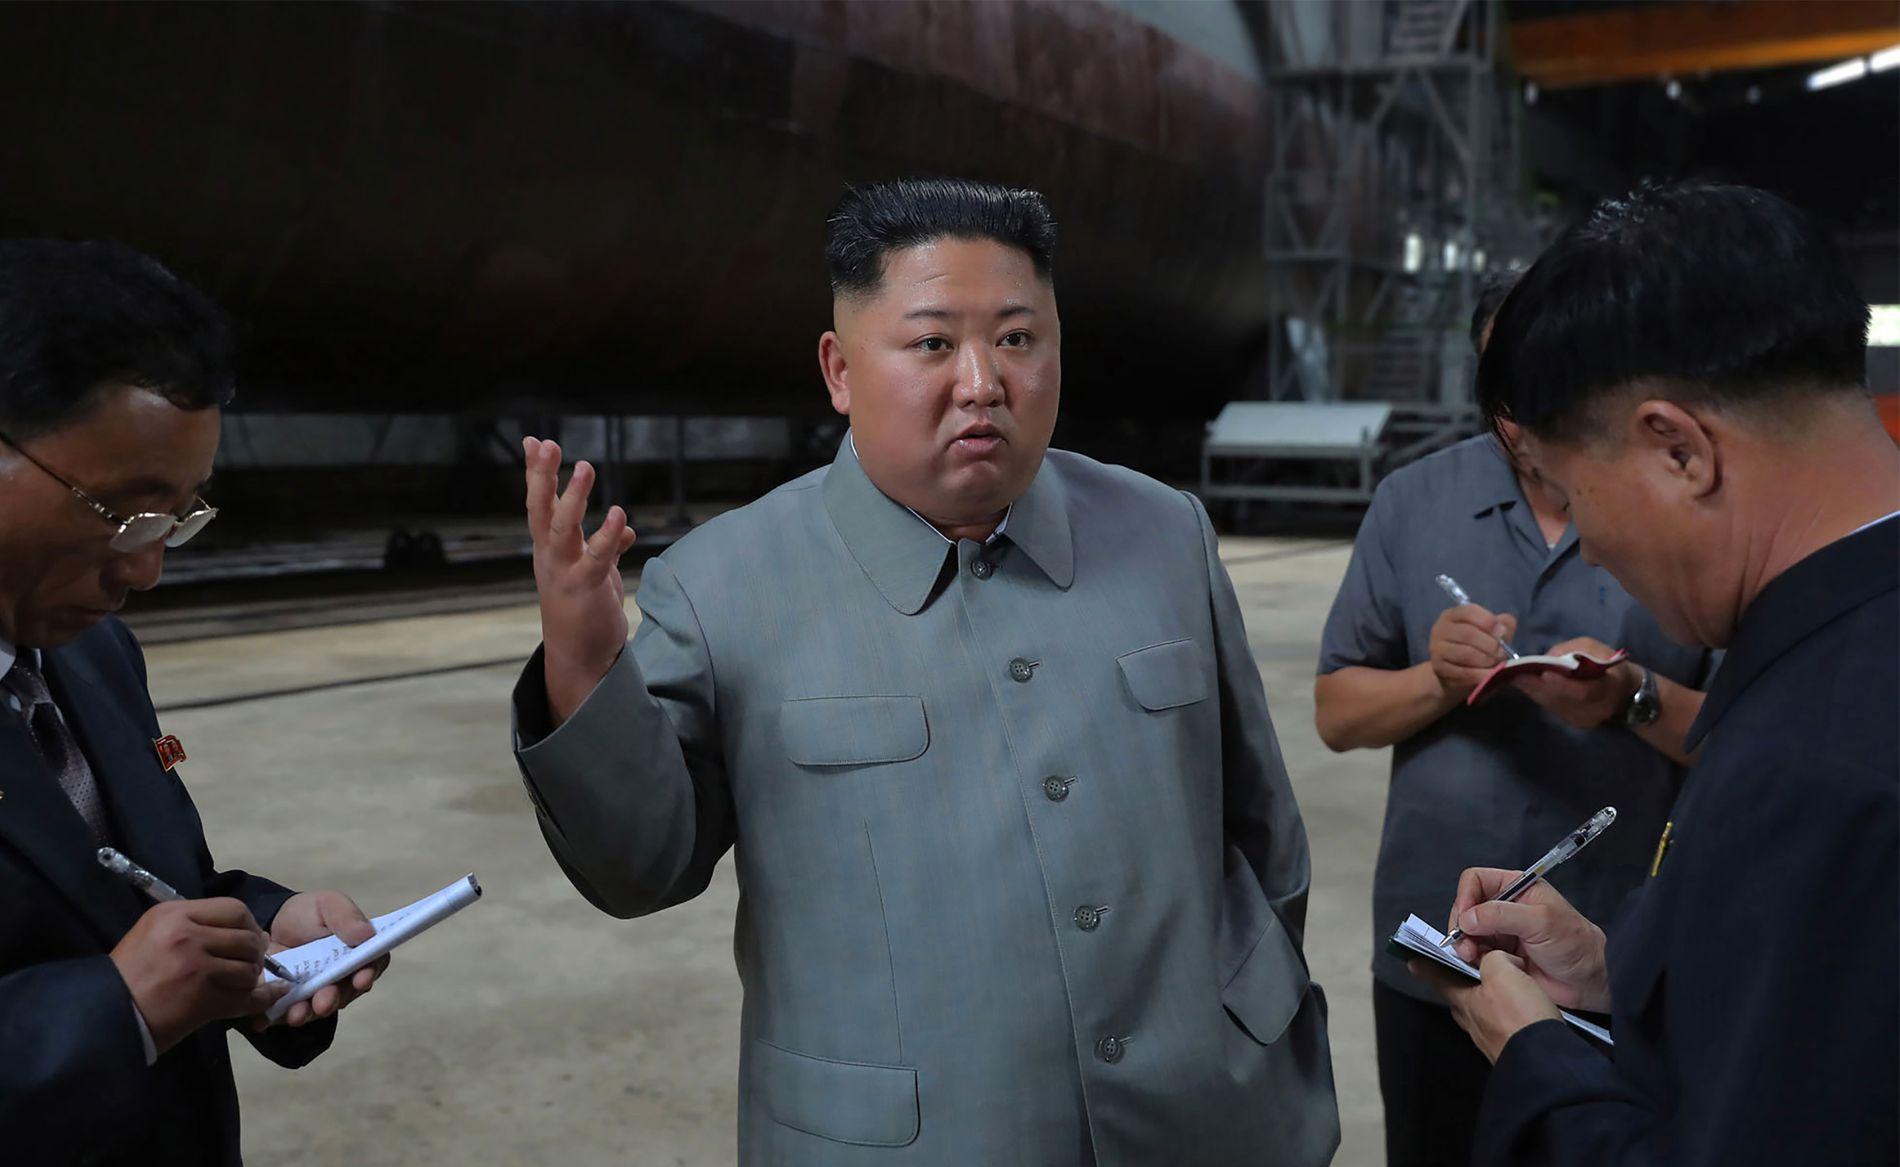 UBÅT-INSPEKSJON: Nord-Koreas statlige nyhetsbyrå KCNA offentliggjorde i går dette bildet av leder Kim Jong Un som inspiserer en nybygget ubåt på det som skal være et «hemmelig sted».